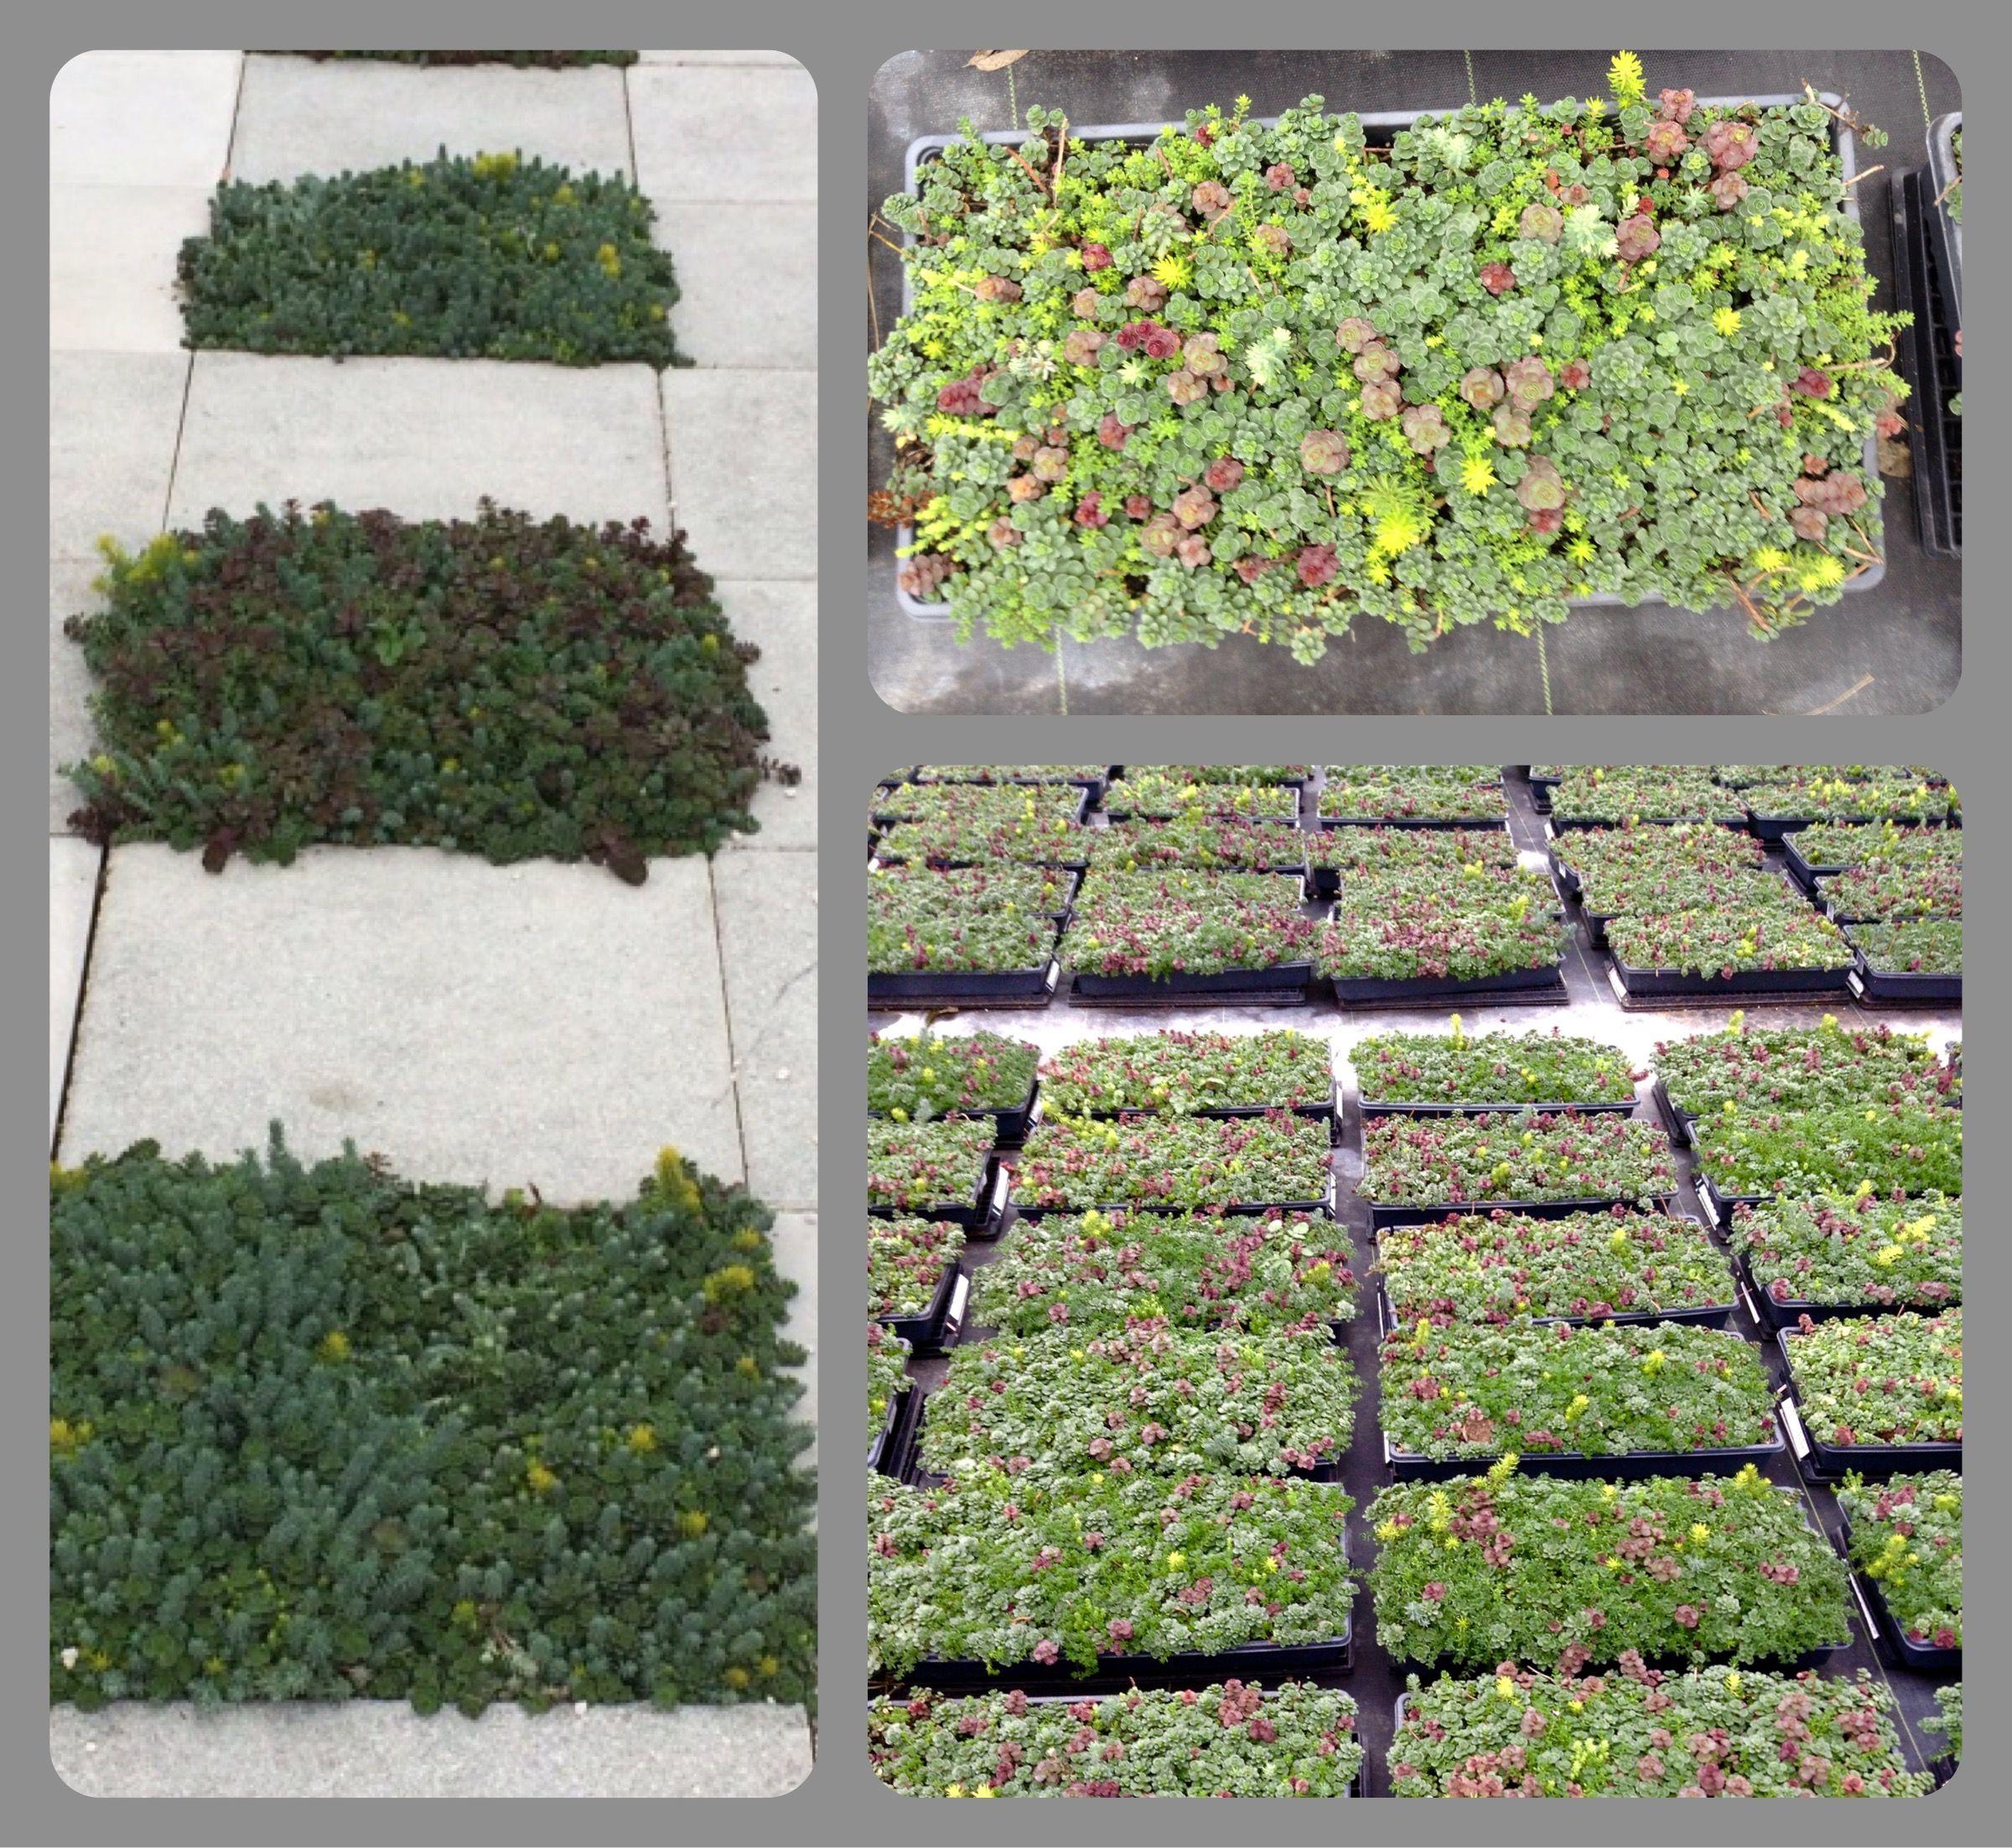 Sevillefarms Succulents Sedum Plants